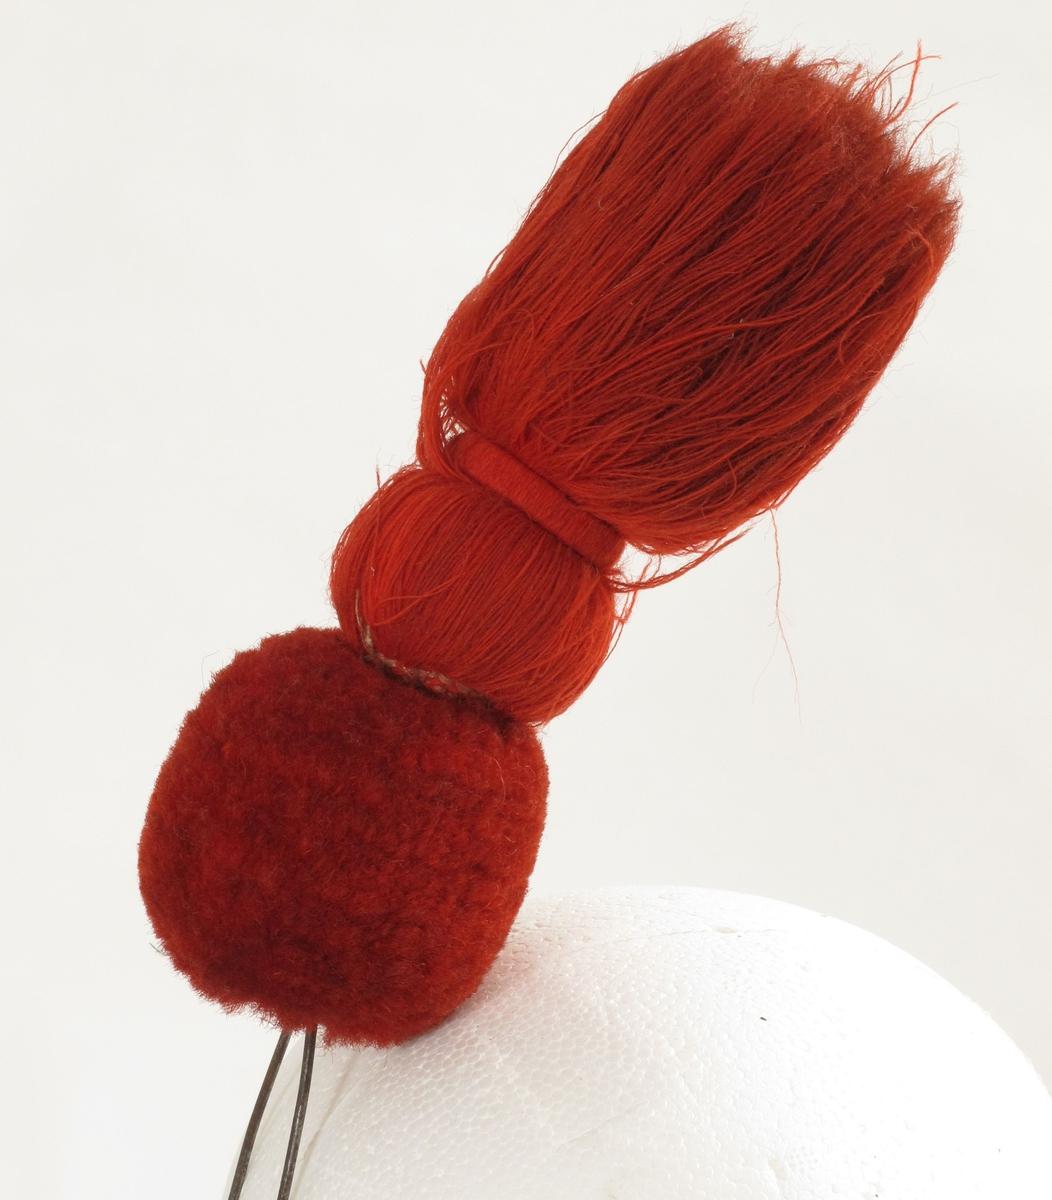 Ponpon av ull, rød, fasong: brennende bombe, med den nedre kule av langhåret plysj.  Ståltrådbøyle til å feste på uniformsluen. Tilhørende uniform AAM.00198.